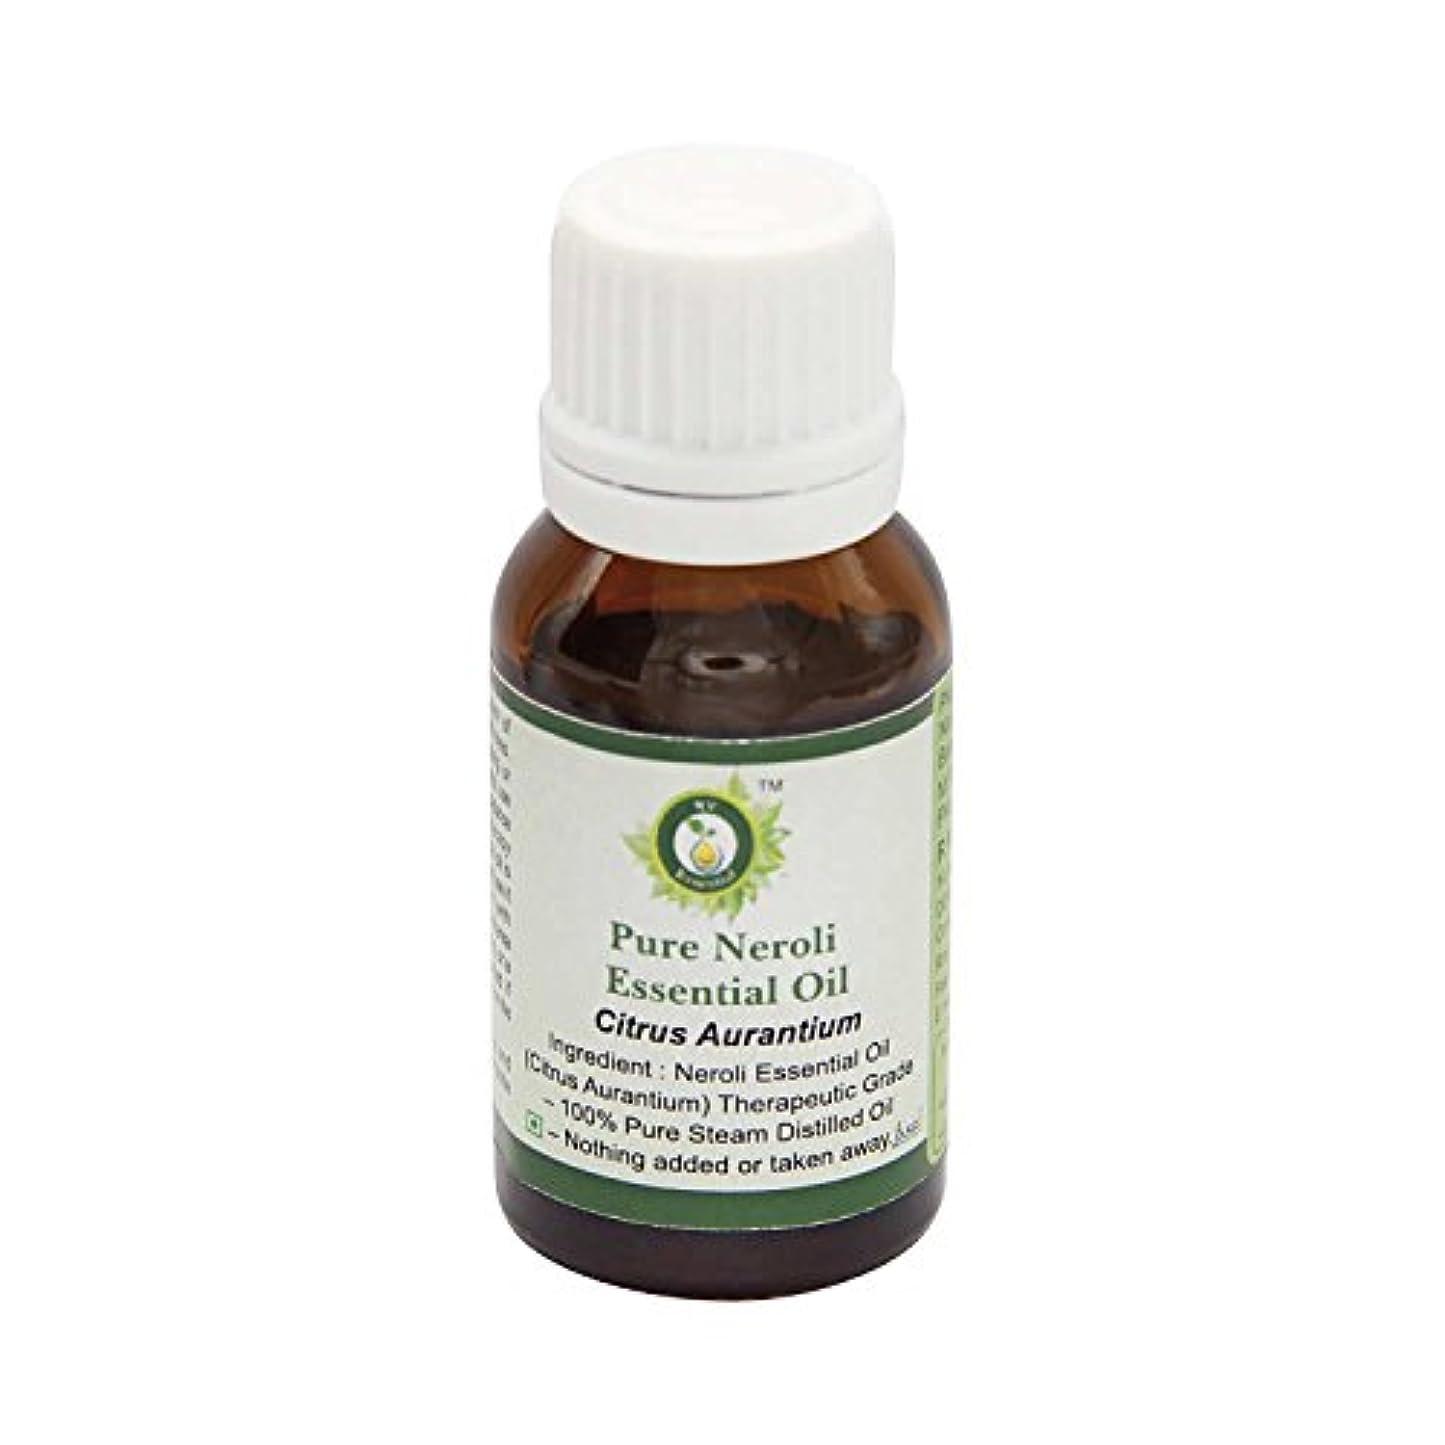 霧深い滑る早熟R V Essential ピュアネロリエッセンシャルオイル10ml (0.338oz)- Citrus Aurantium (100%純粋&天然スチームDistilled) Pure Neroli Essential...